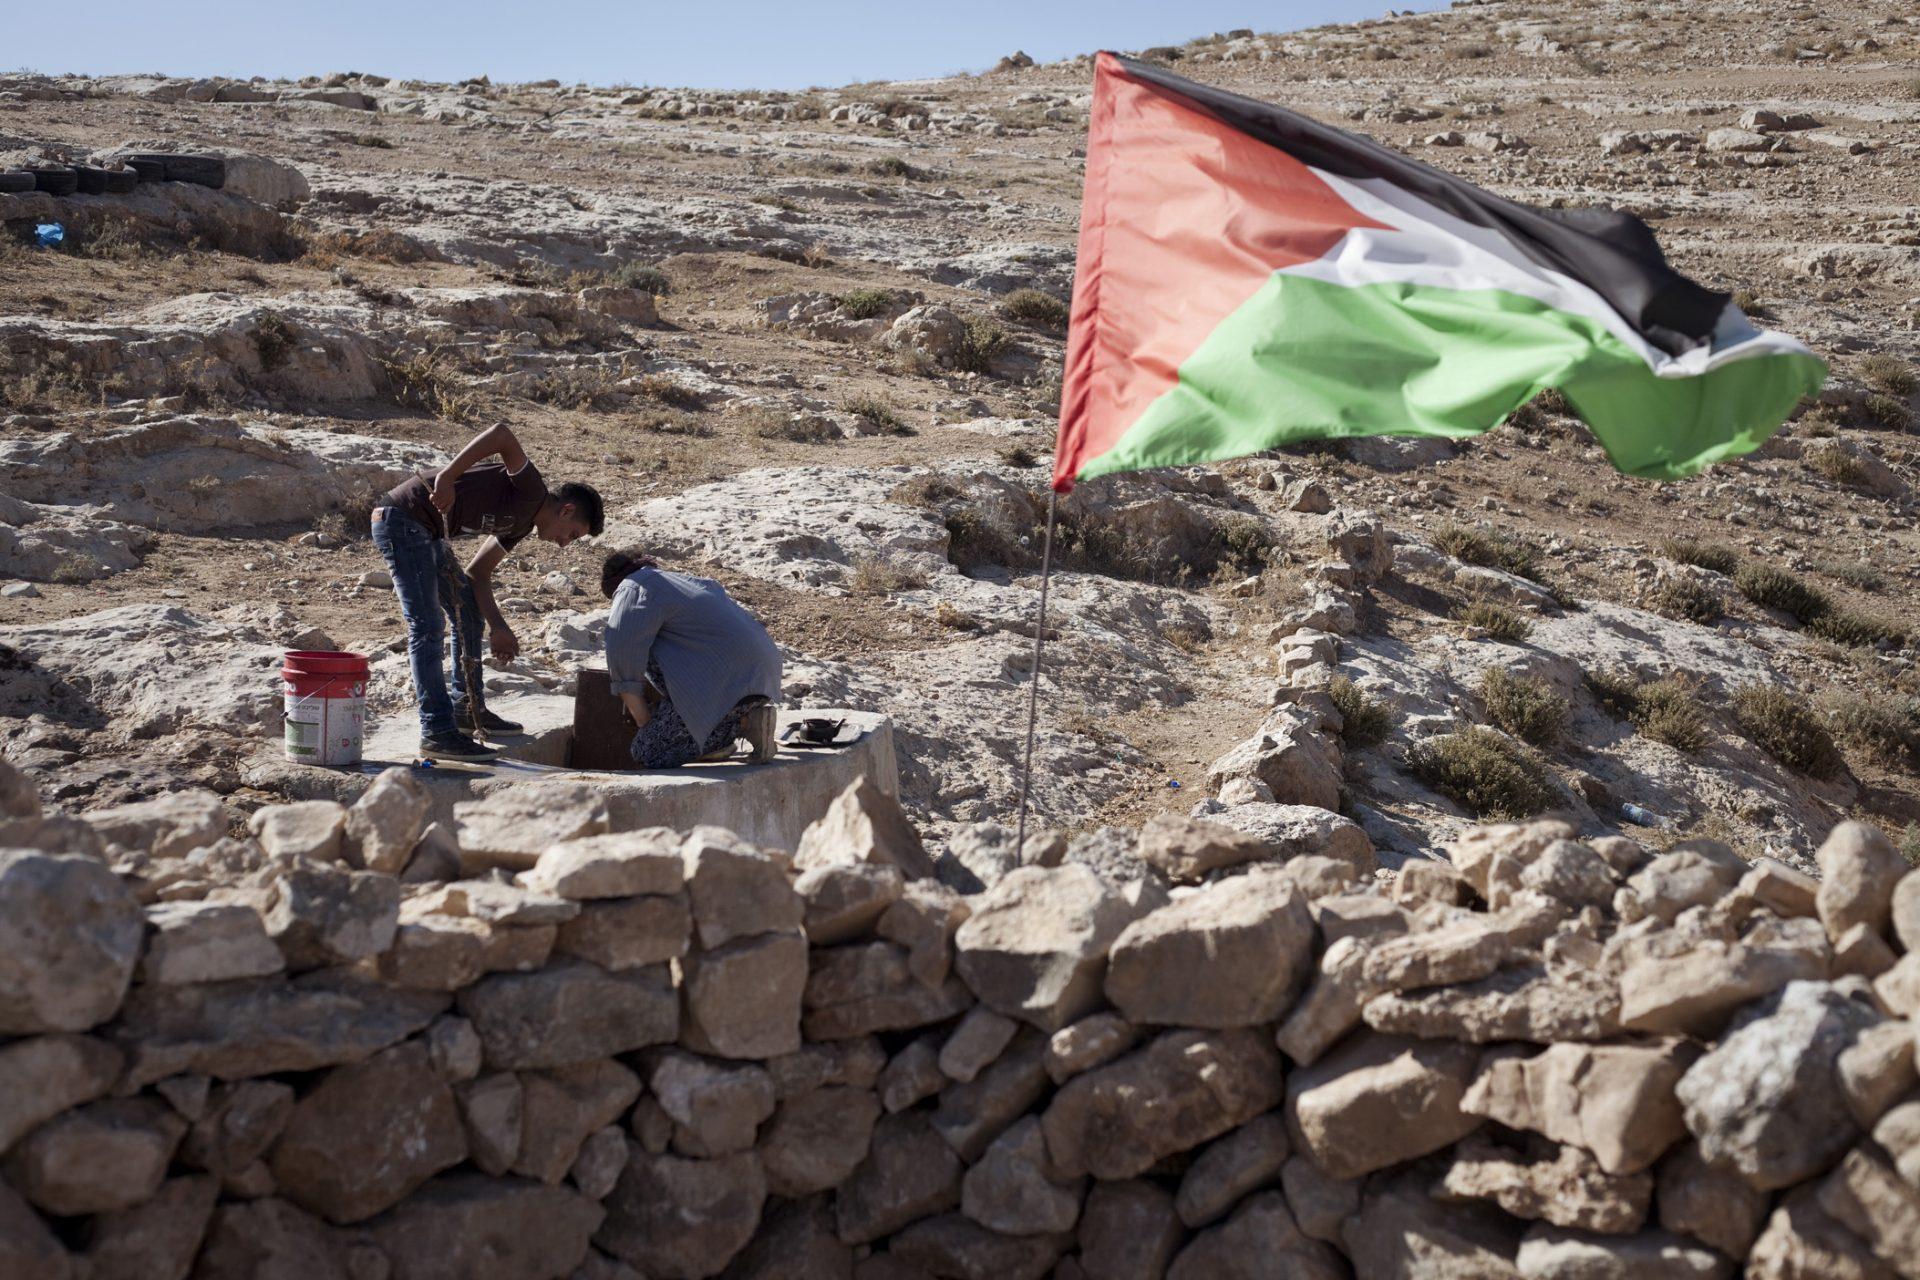 Des activistes européens sont également présents sur le lieu. En cas de visite de l'armée ou des colons, ils photographient et filment la situation.